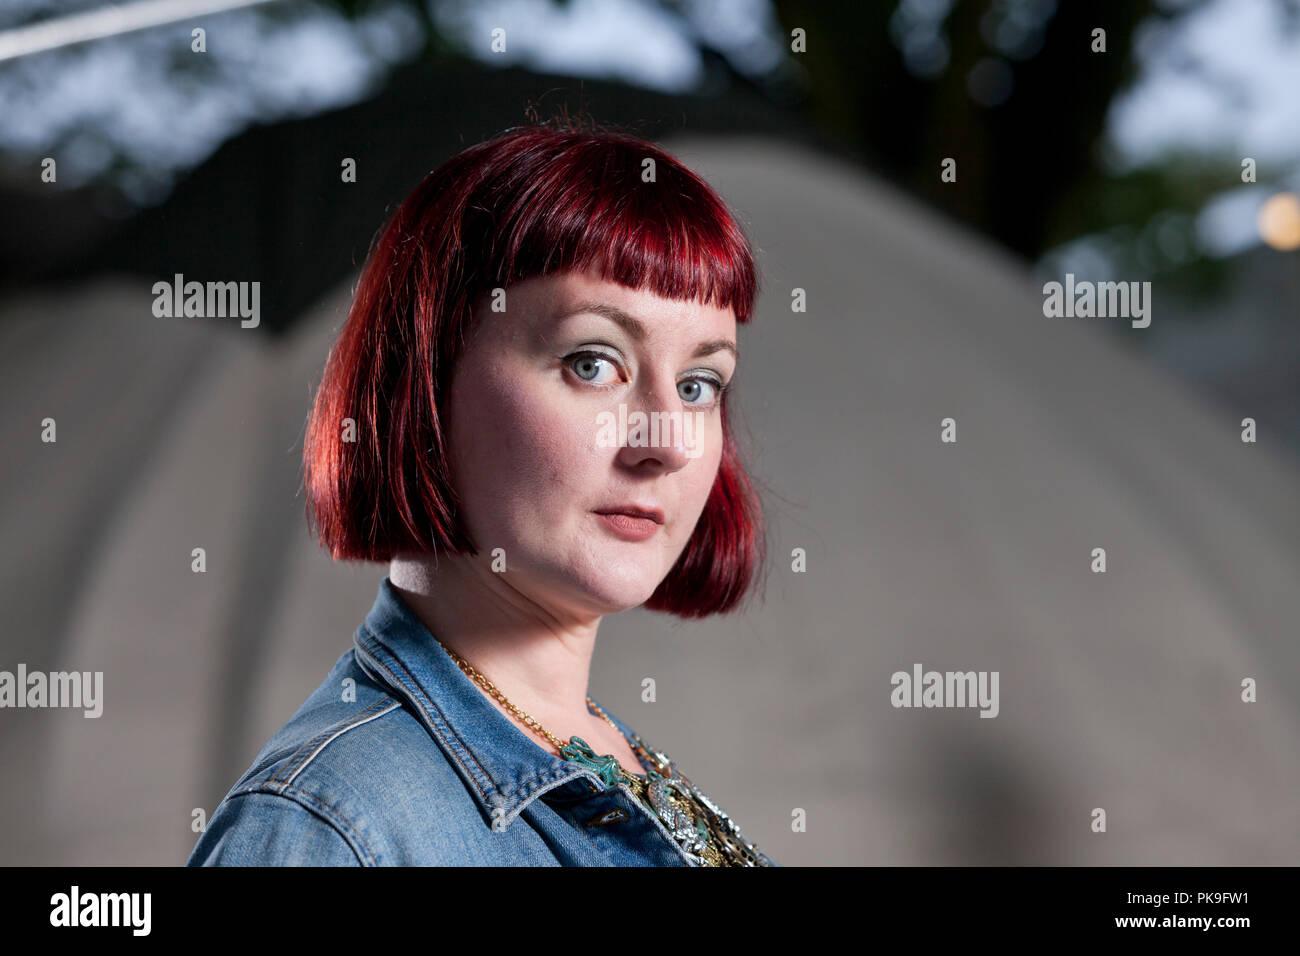 Kirsty Logan est un romancier, poète, artiste, éditeur littéraire, l'écriture mentor, un critique de livre et l'écrivain de fiction courte. Photographié à l'Edinburgh International Book Festival. Edimbourg, Ecosse. Photo par Gary Doak / Alamy Banque D'Images